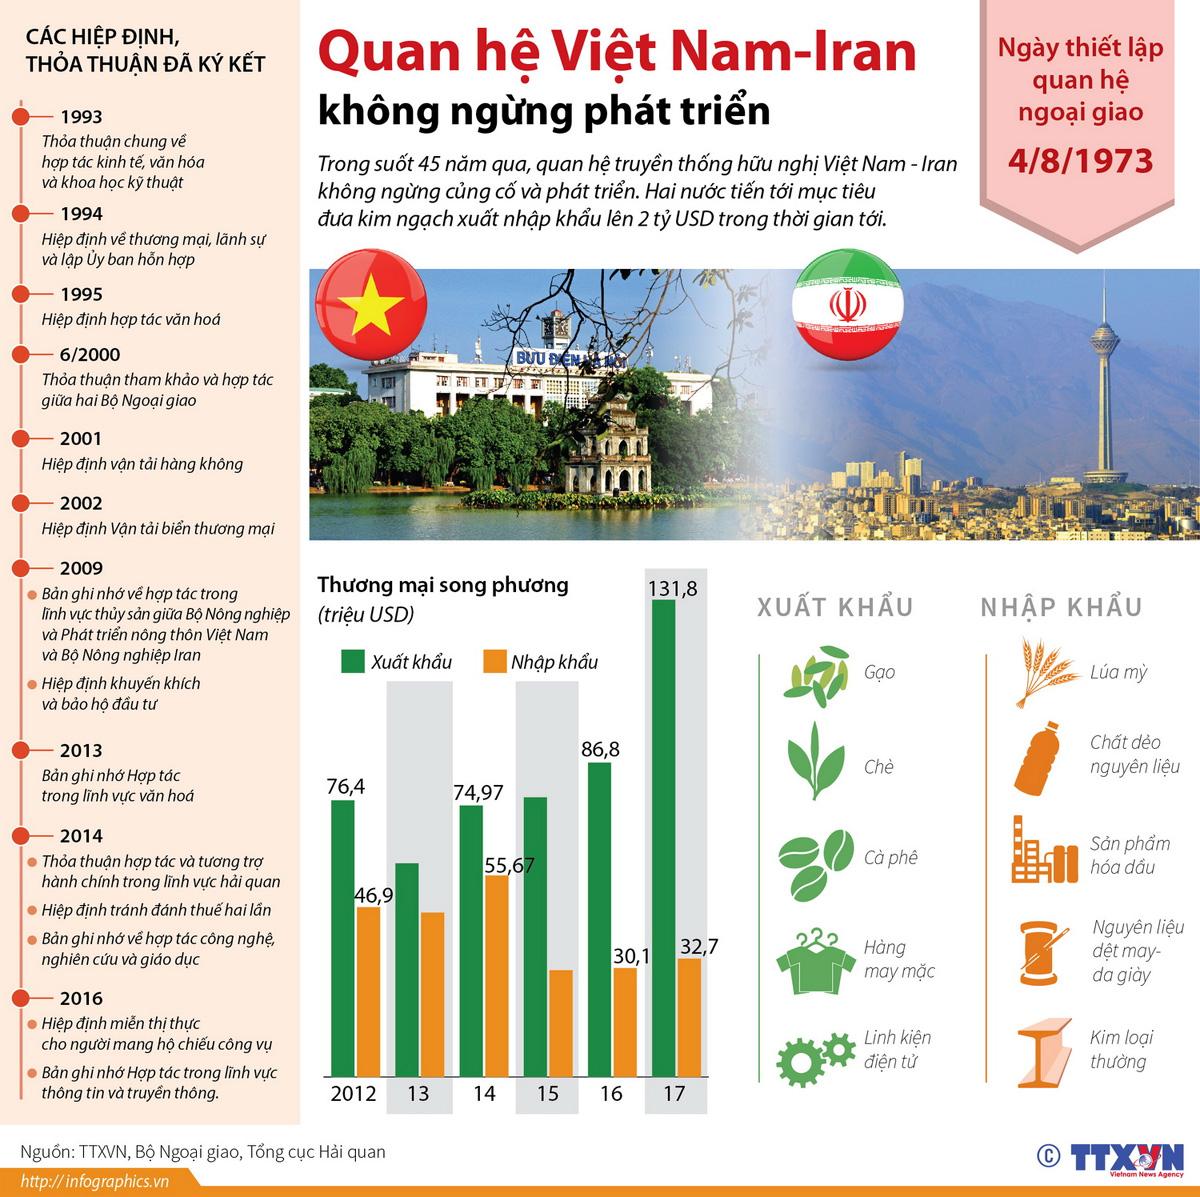 Quan hệ Việt Nam, không ngừng phát triển, kim ngạch xuất nhập khẩu